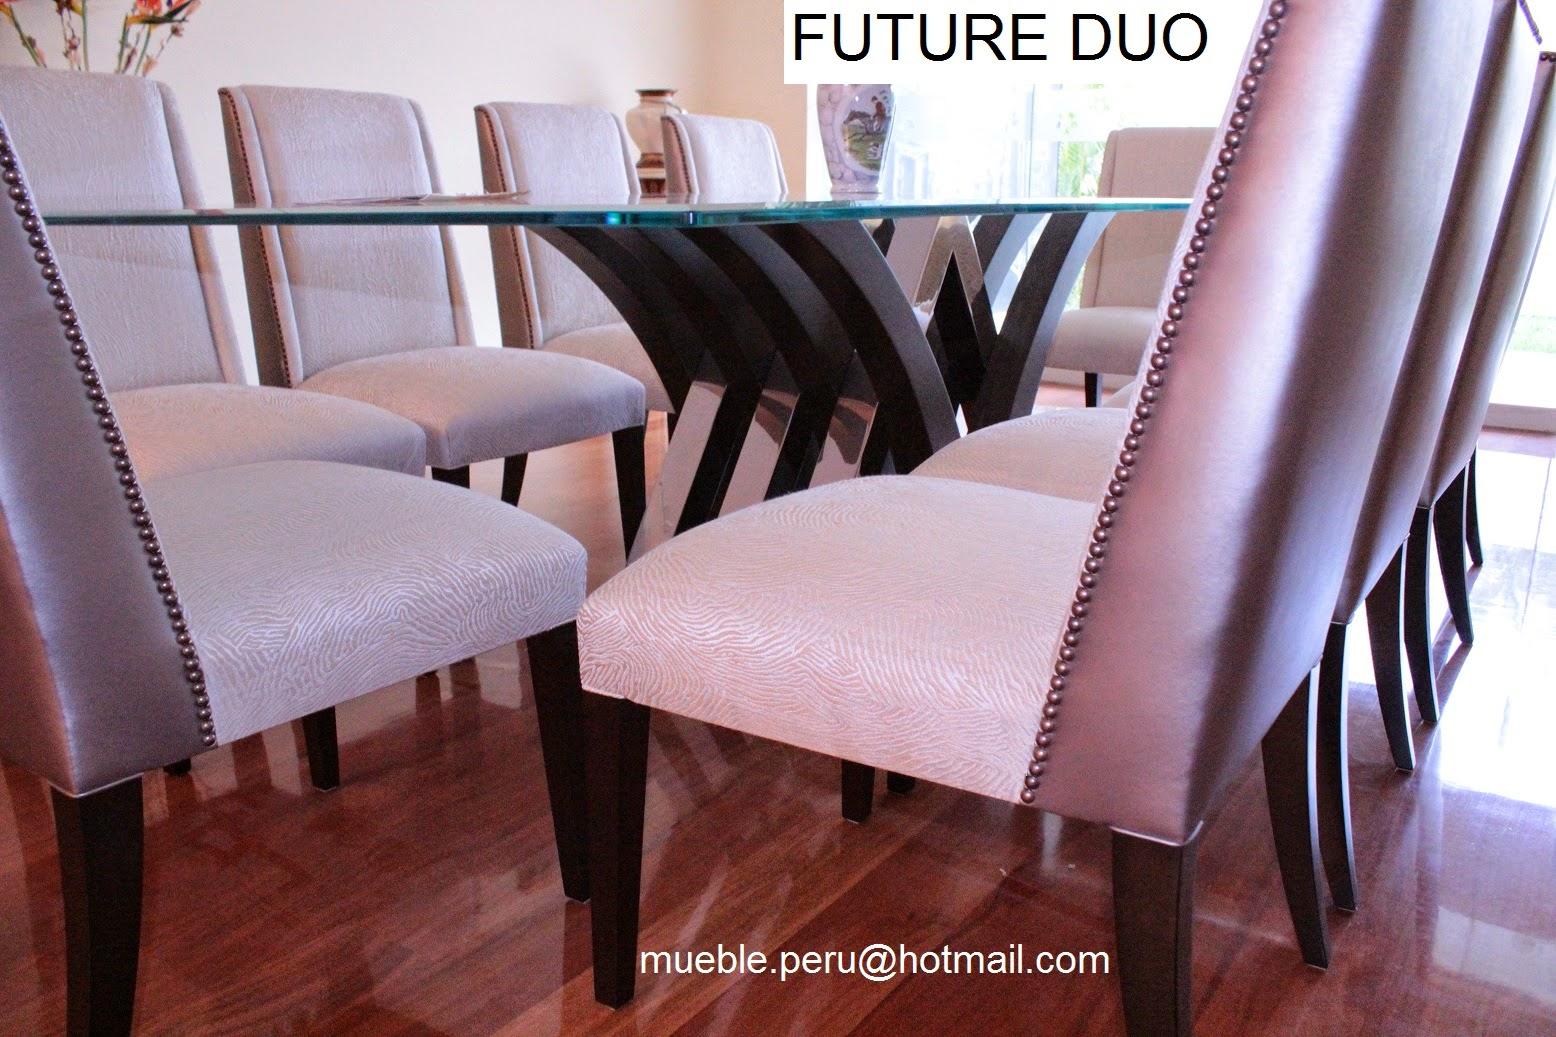 Imagenes de muebles de comedor for Muebles falabella comedores